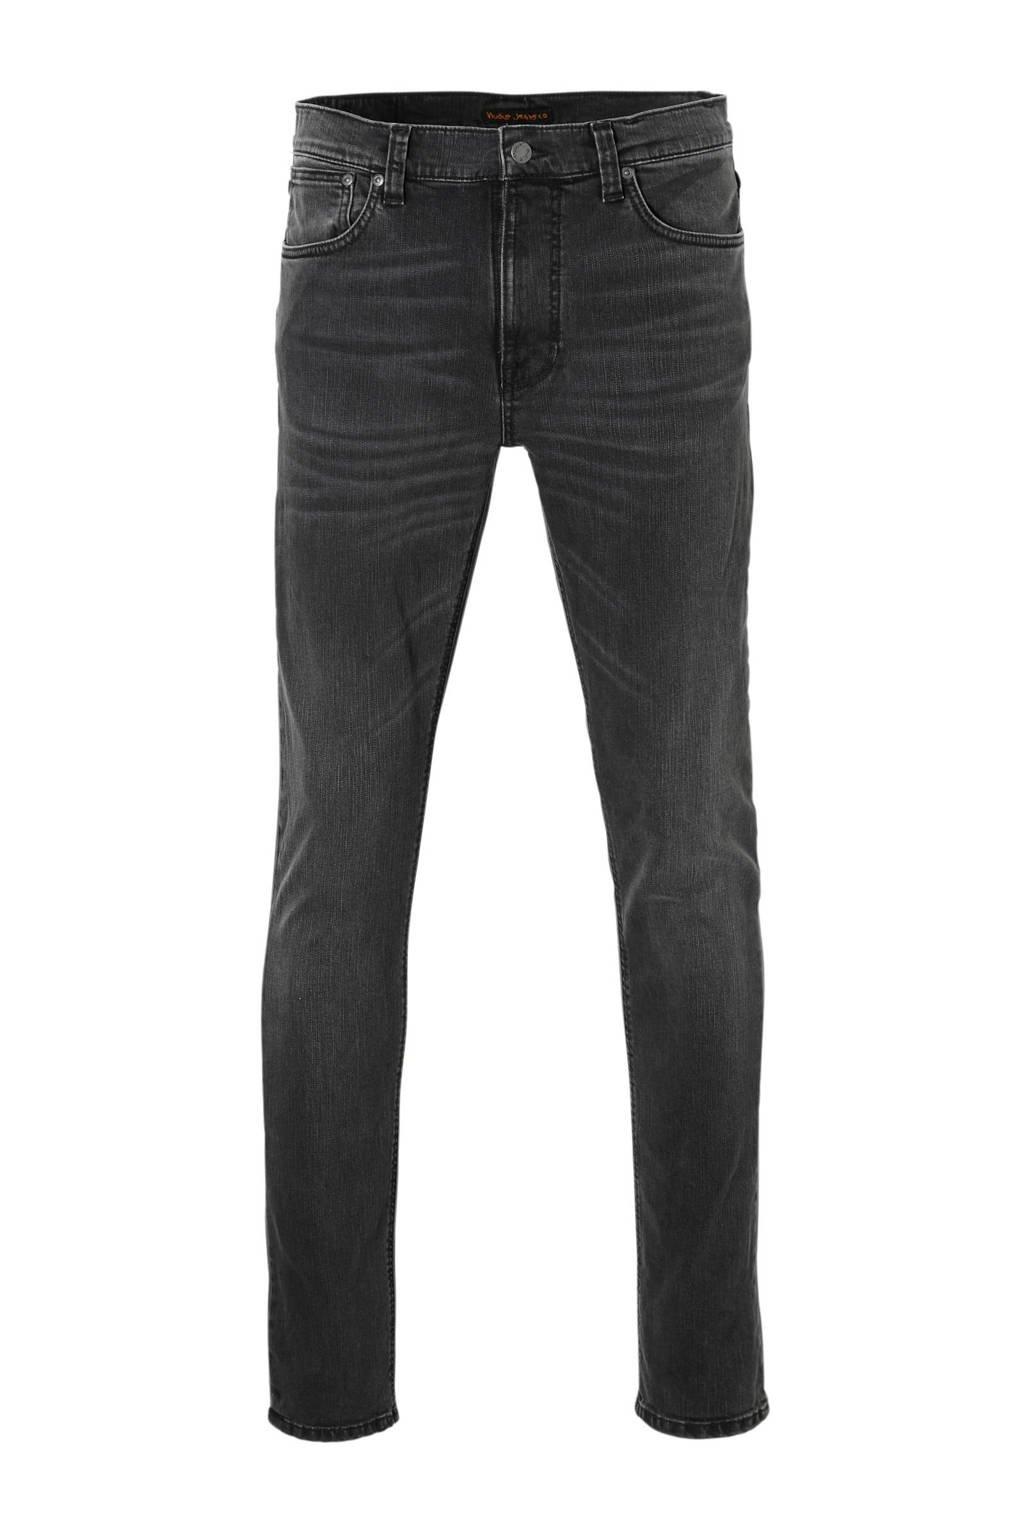 Nudie Jeans Lean Dean slim fit jeans, Mono grey